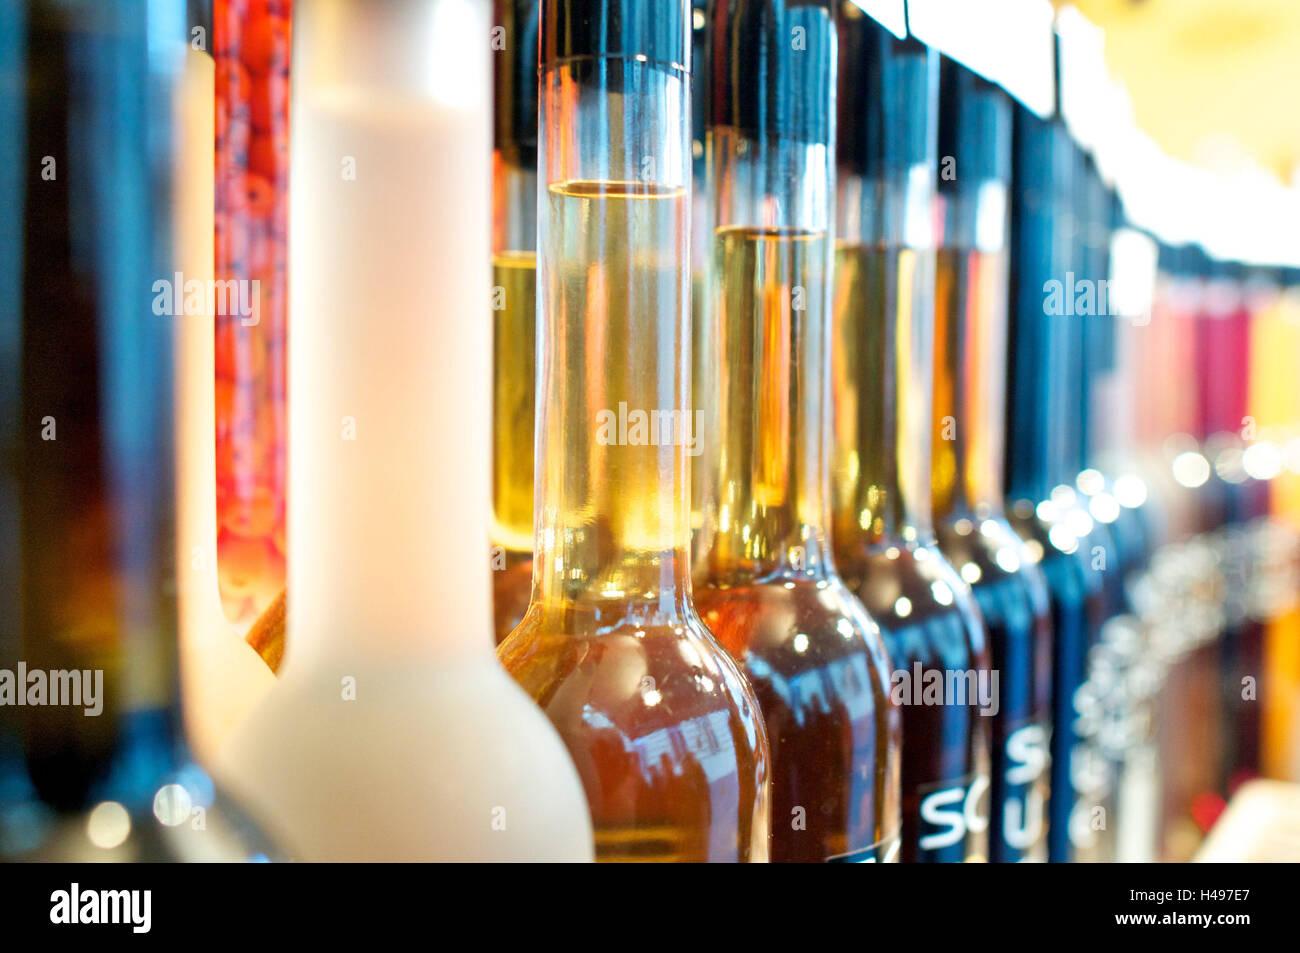 Schnaps-Flaschen, blur, Fläschchen, Schnaps, Detailansicht, bitter, Fötus Schnaps, Liköre, Stockbild